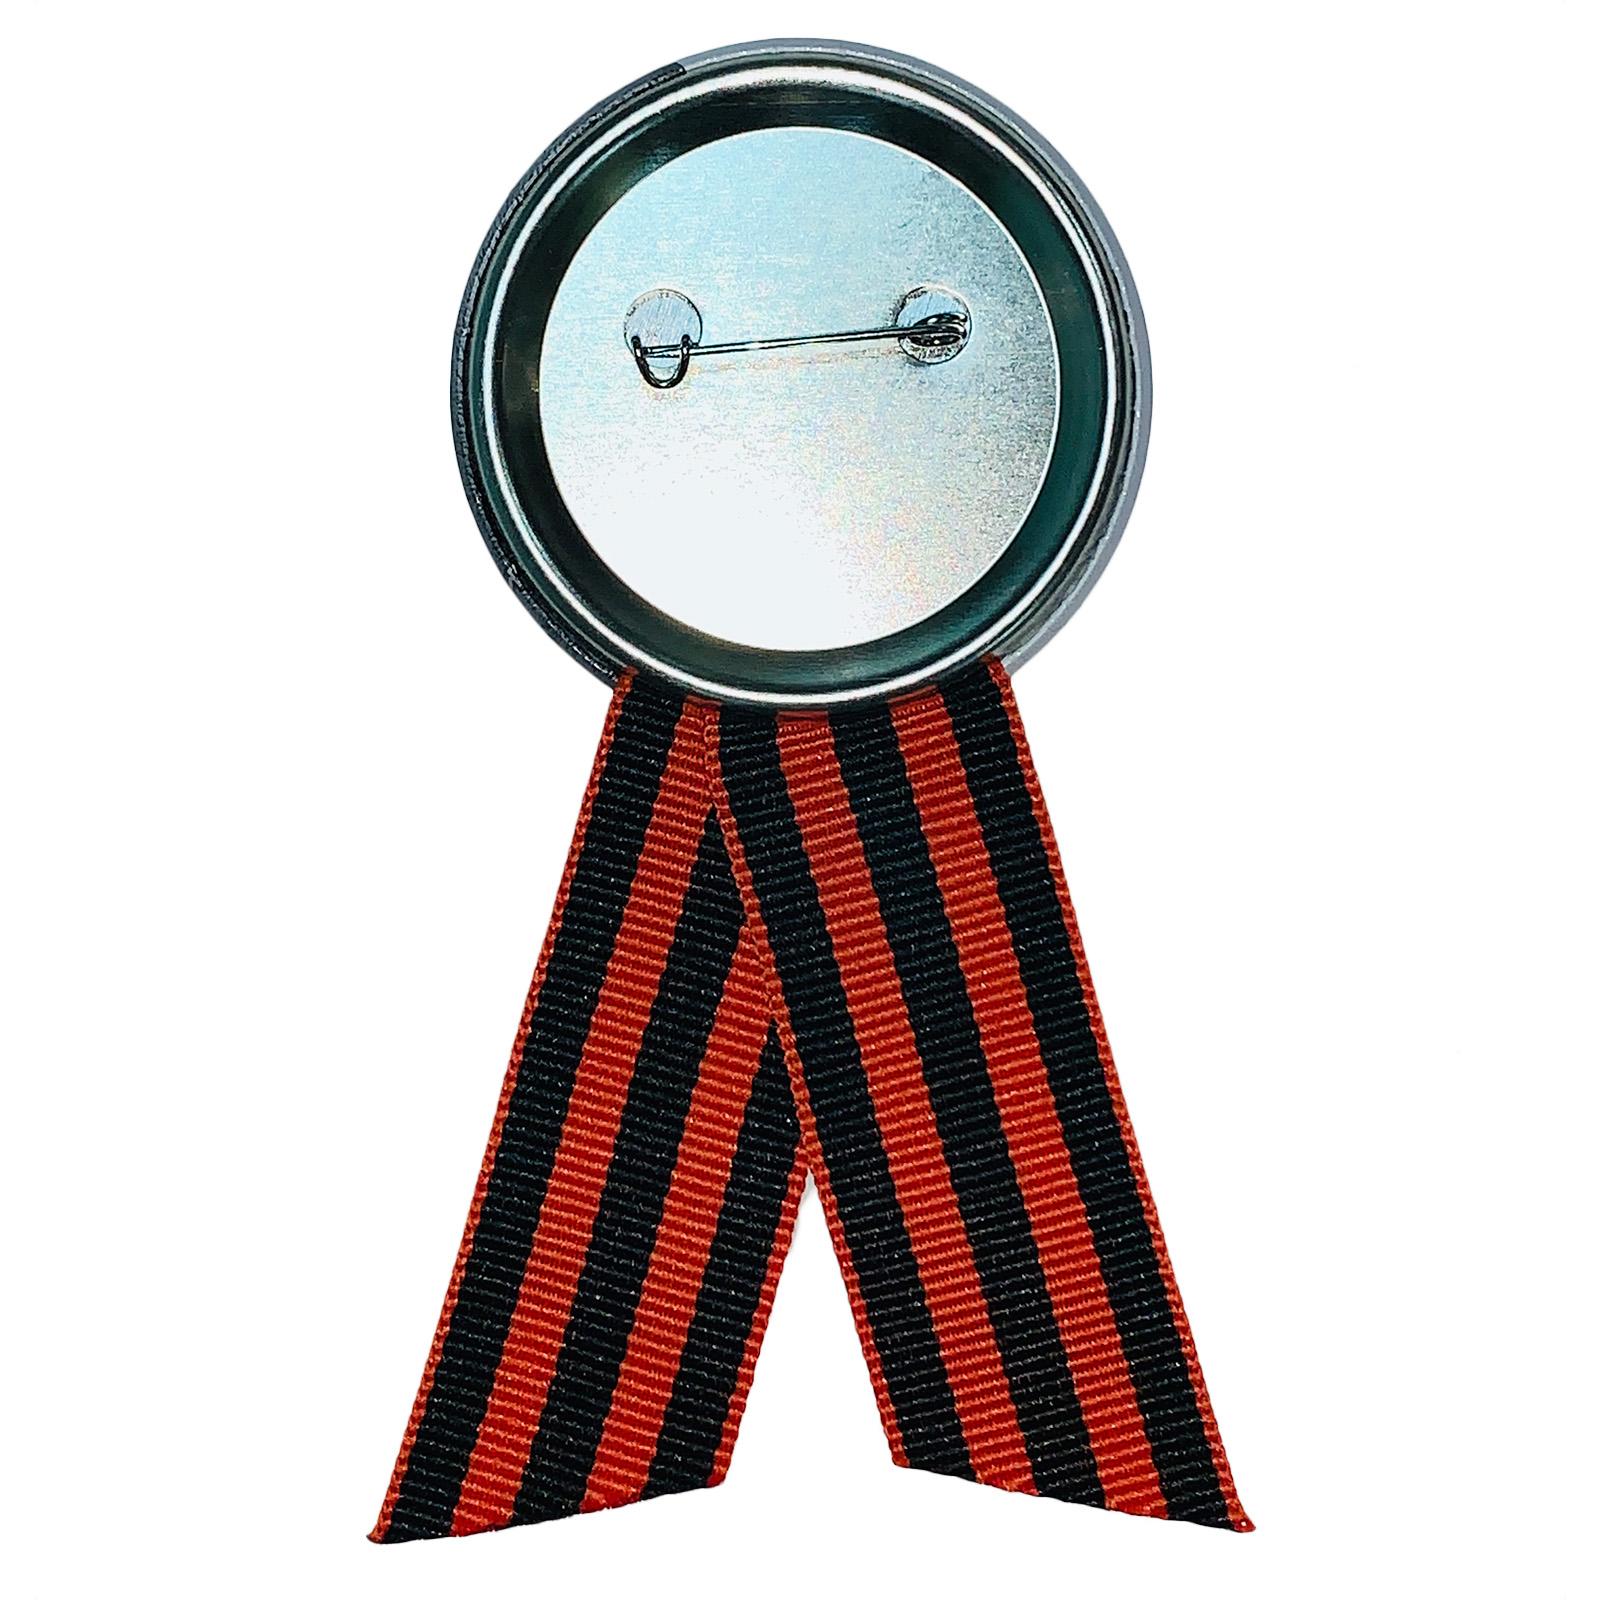 Юбилейный значок с орденом Победы СССР - крепление булавка